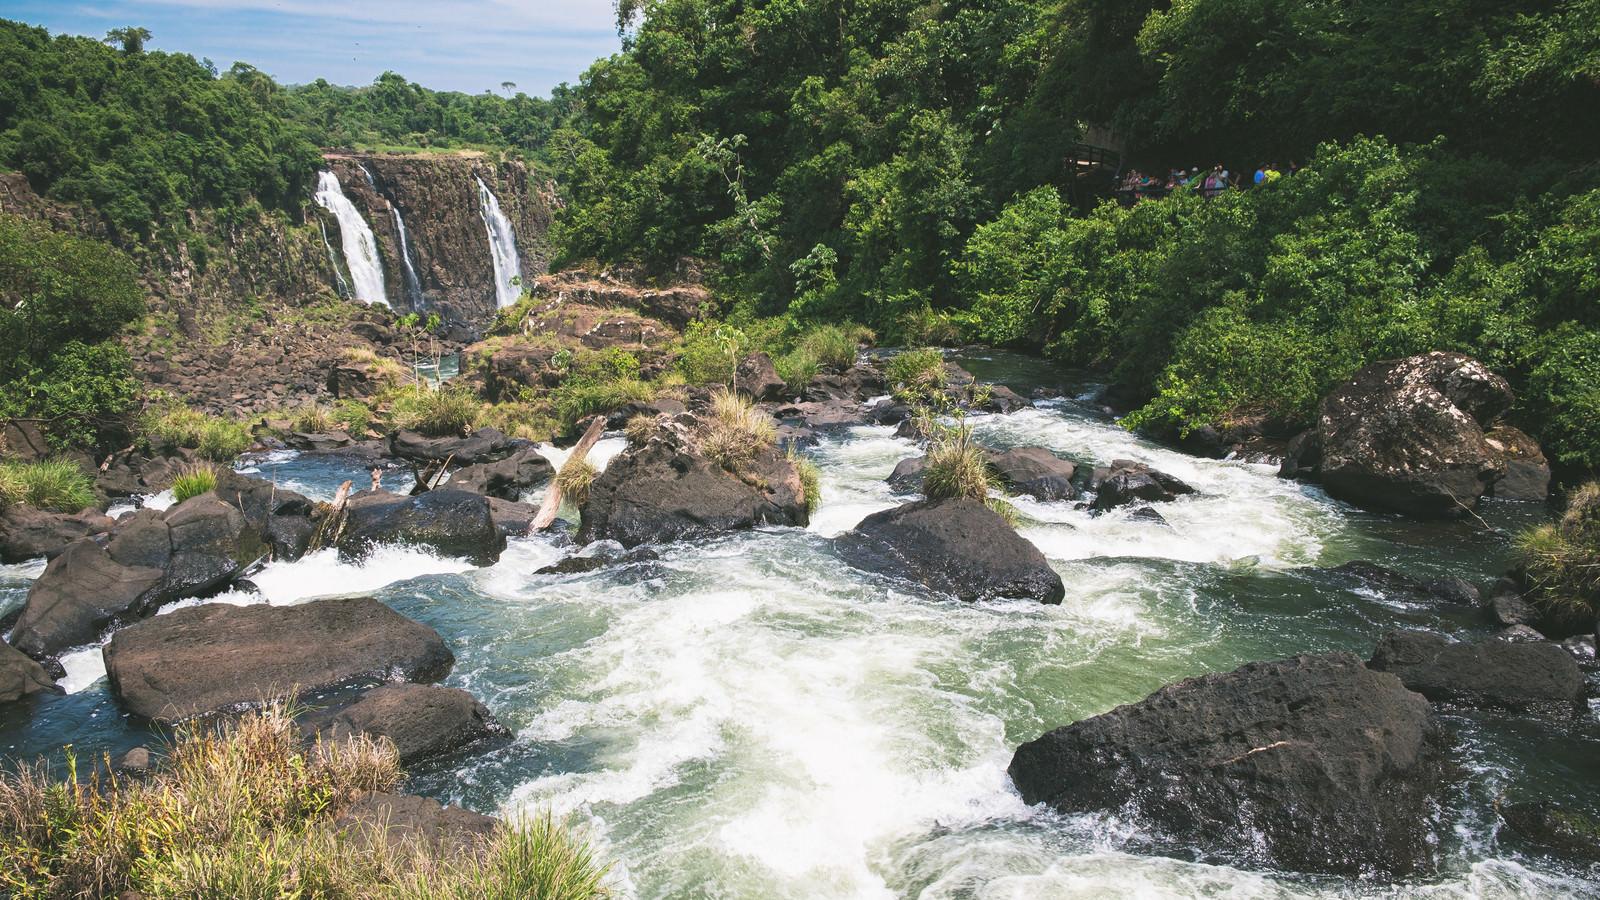 イグアスの滝から流れる豊富な水量の川(南米大陸)のフリー素材